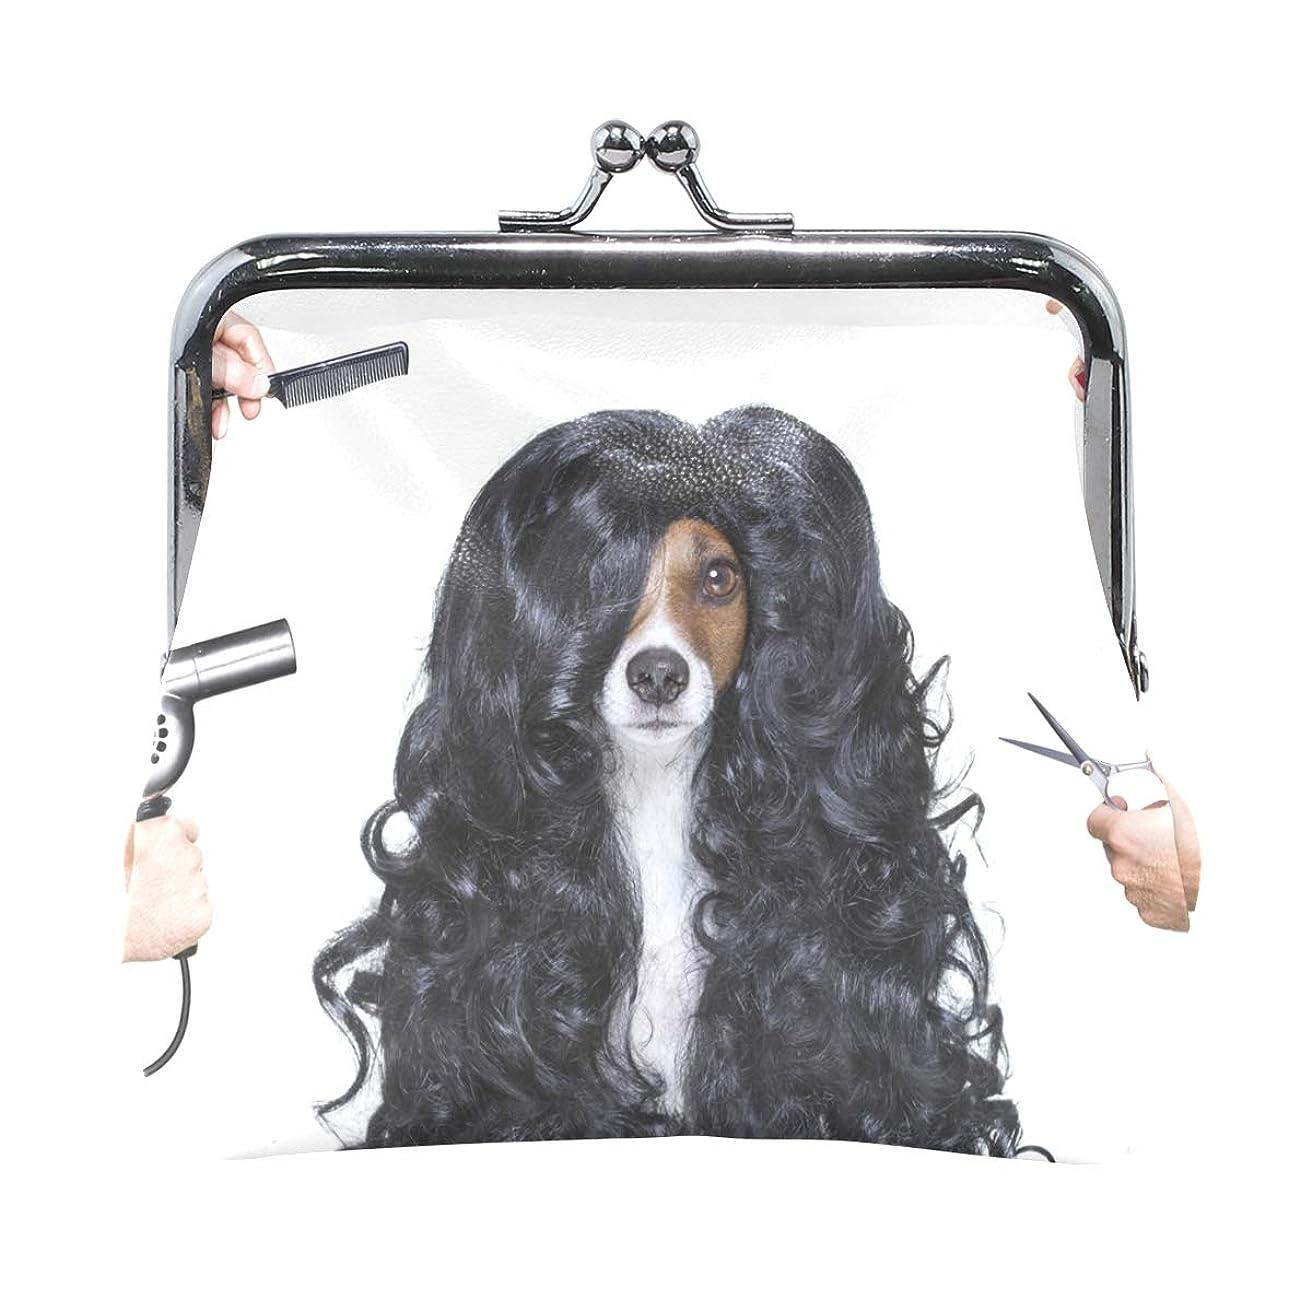 それから緩むパテがま口 財布 口金 小銭入れ ポーチ 犬 動物 面白い ANNSIN バッグ かわいい 高級レザー レディース プレゼント ほど良いサイズ